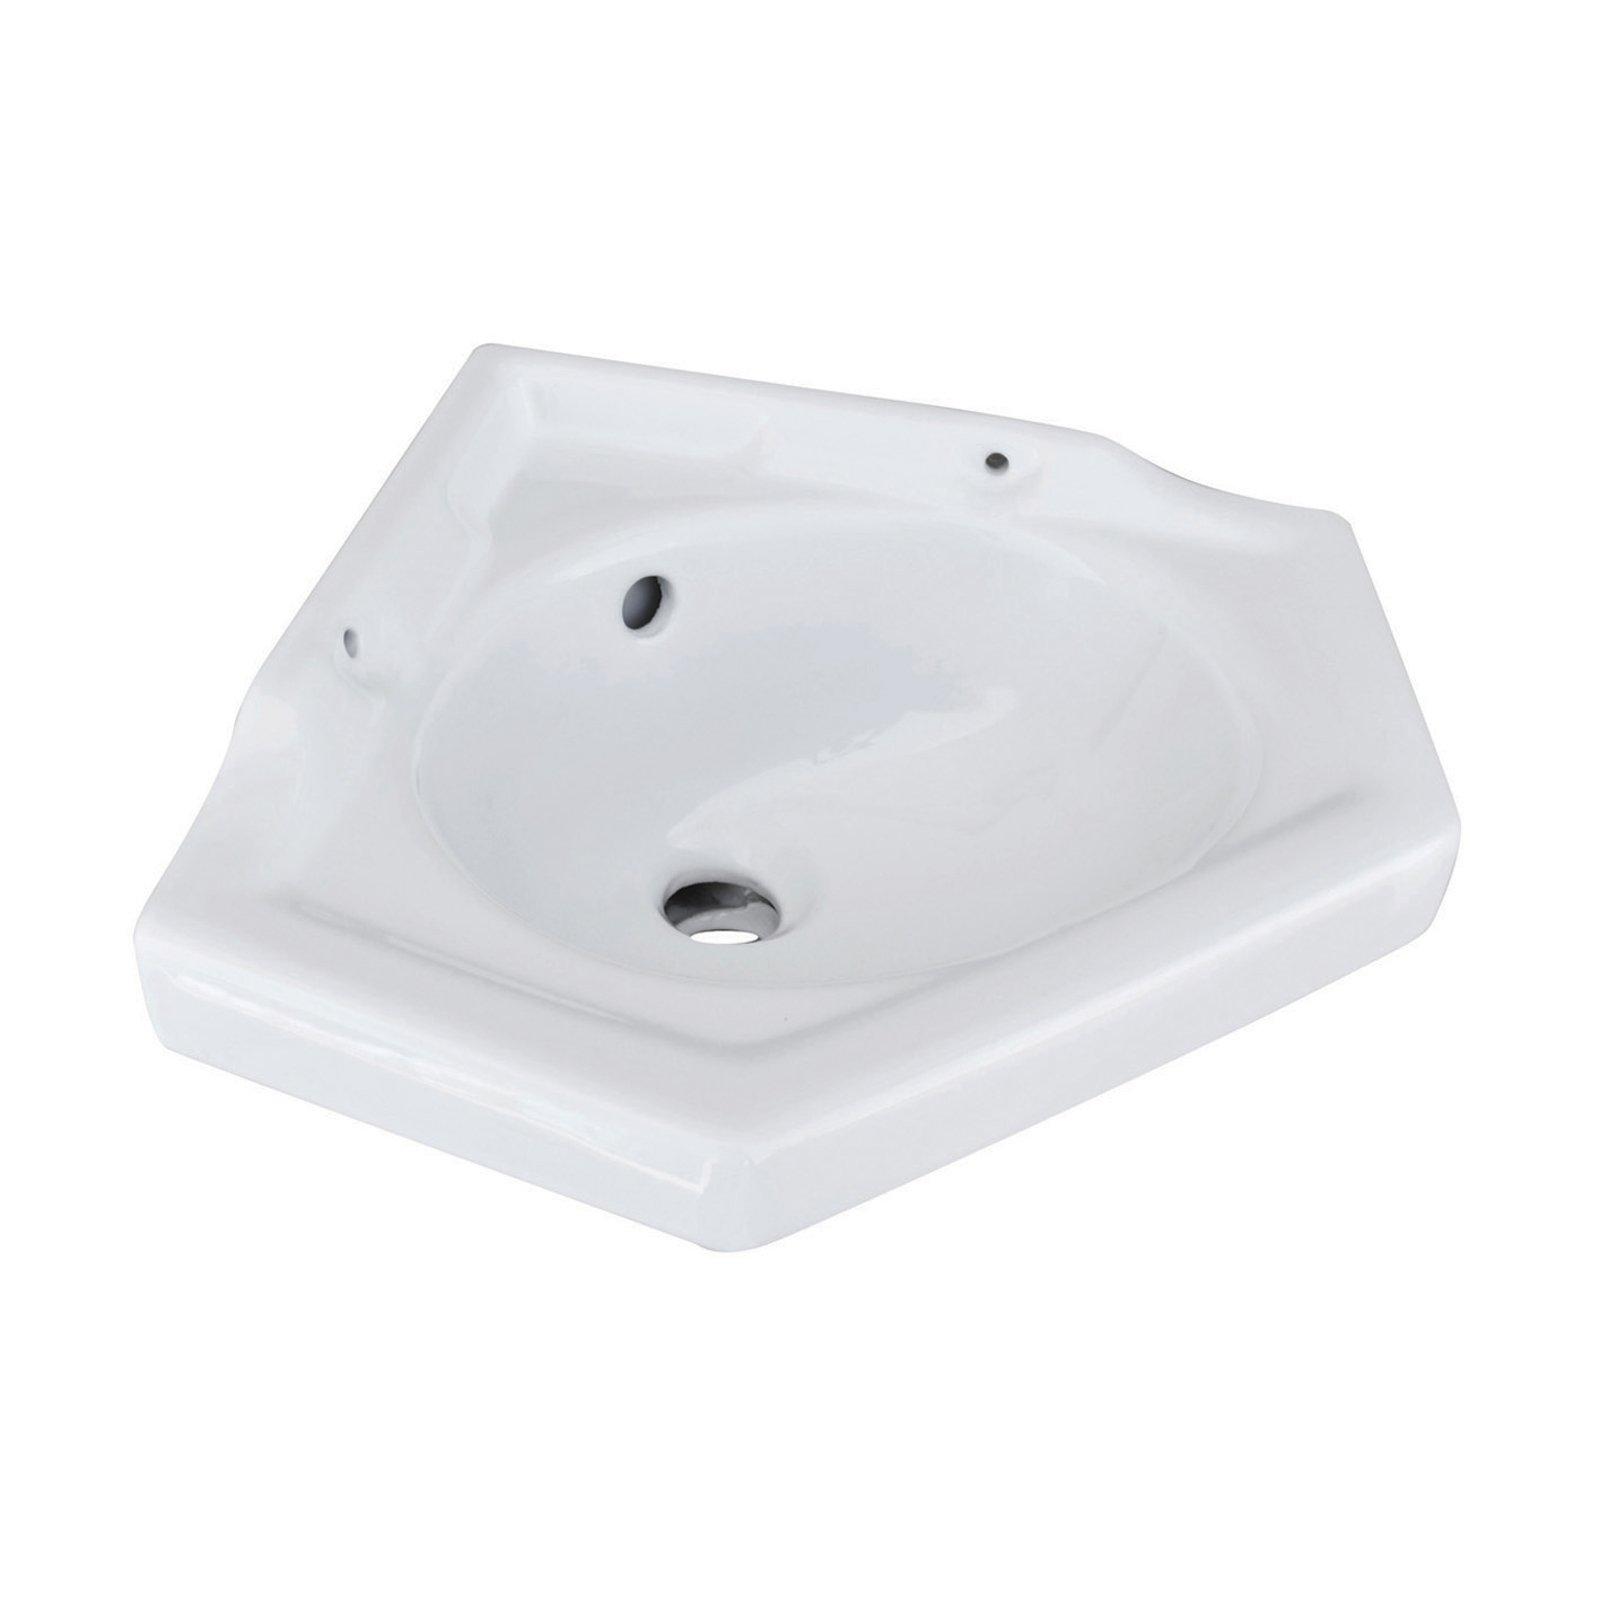 Lavabi ad angolo cose di casa - Mobile lavabo leroy merlin ...